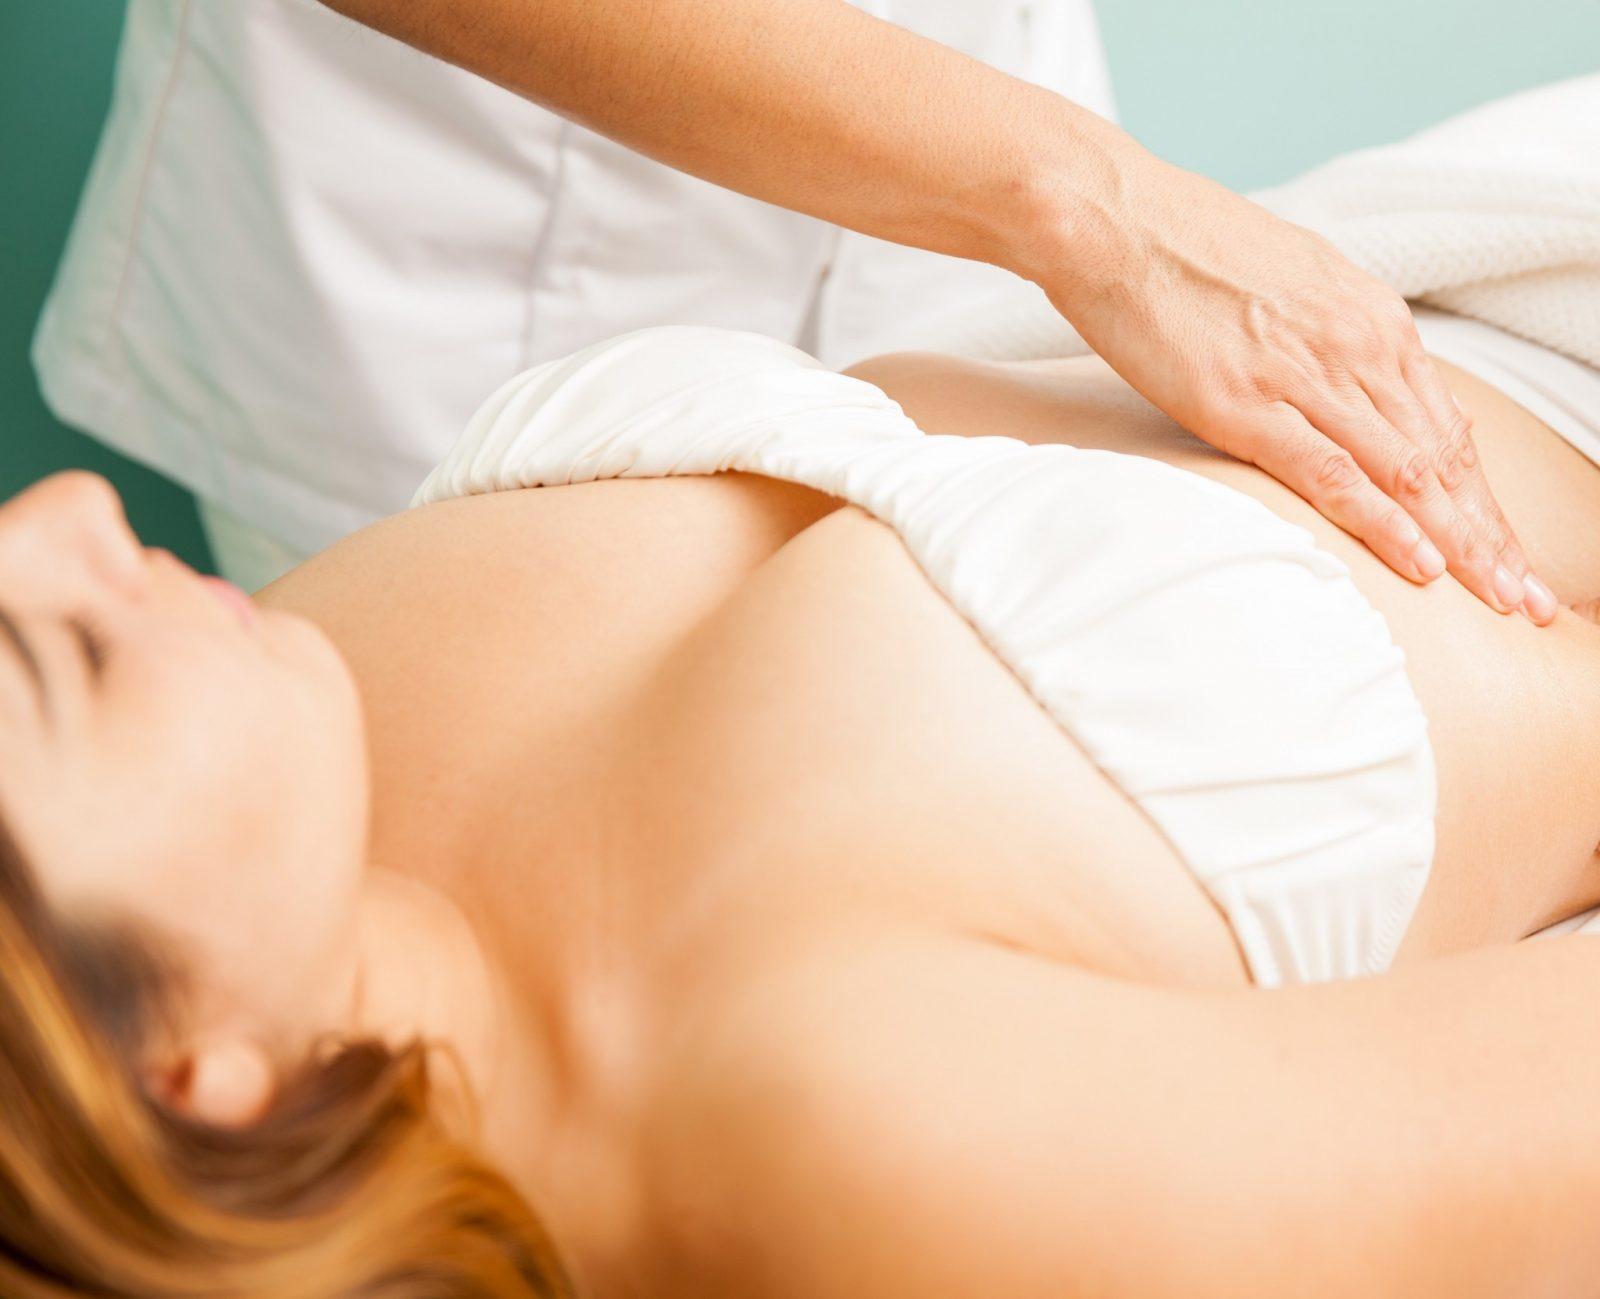 mulher faz massagem para recuperar dos excessos